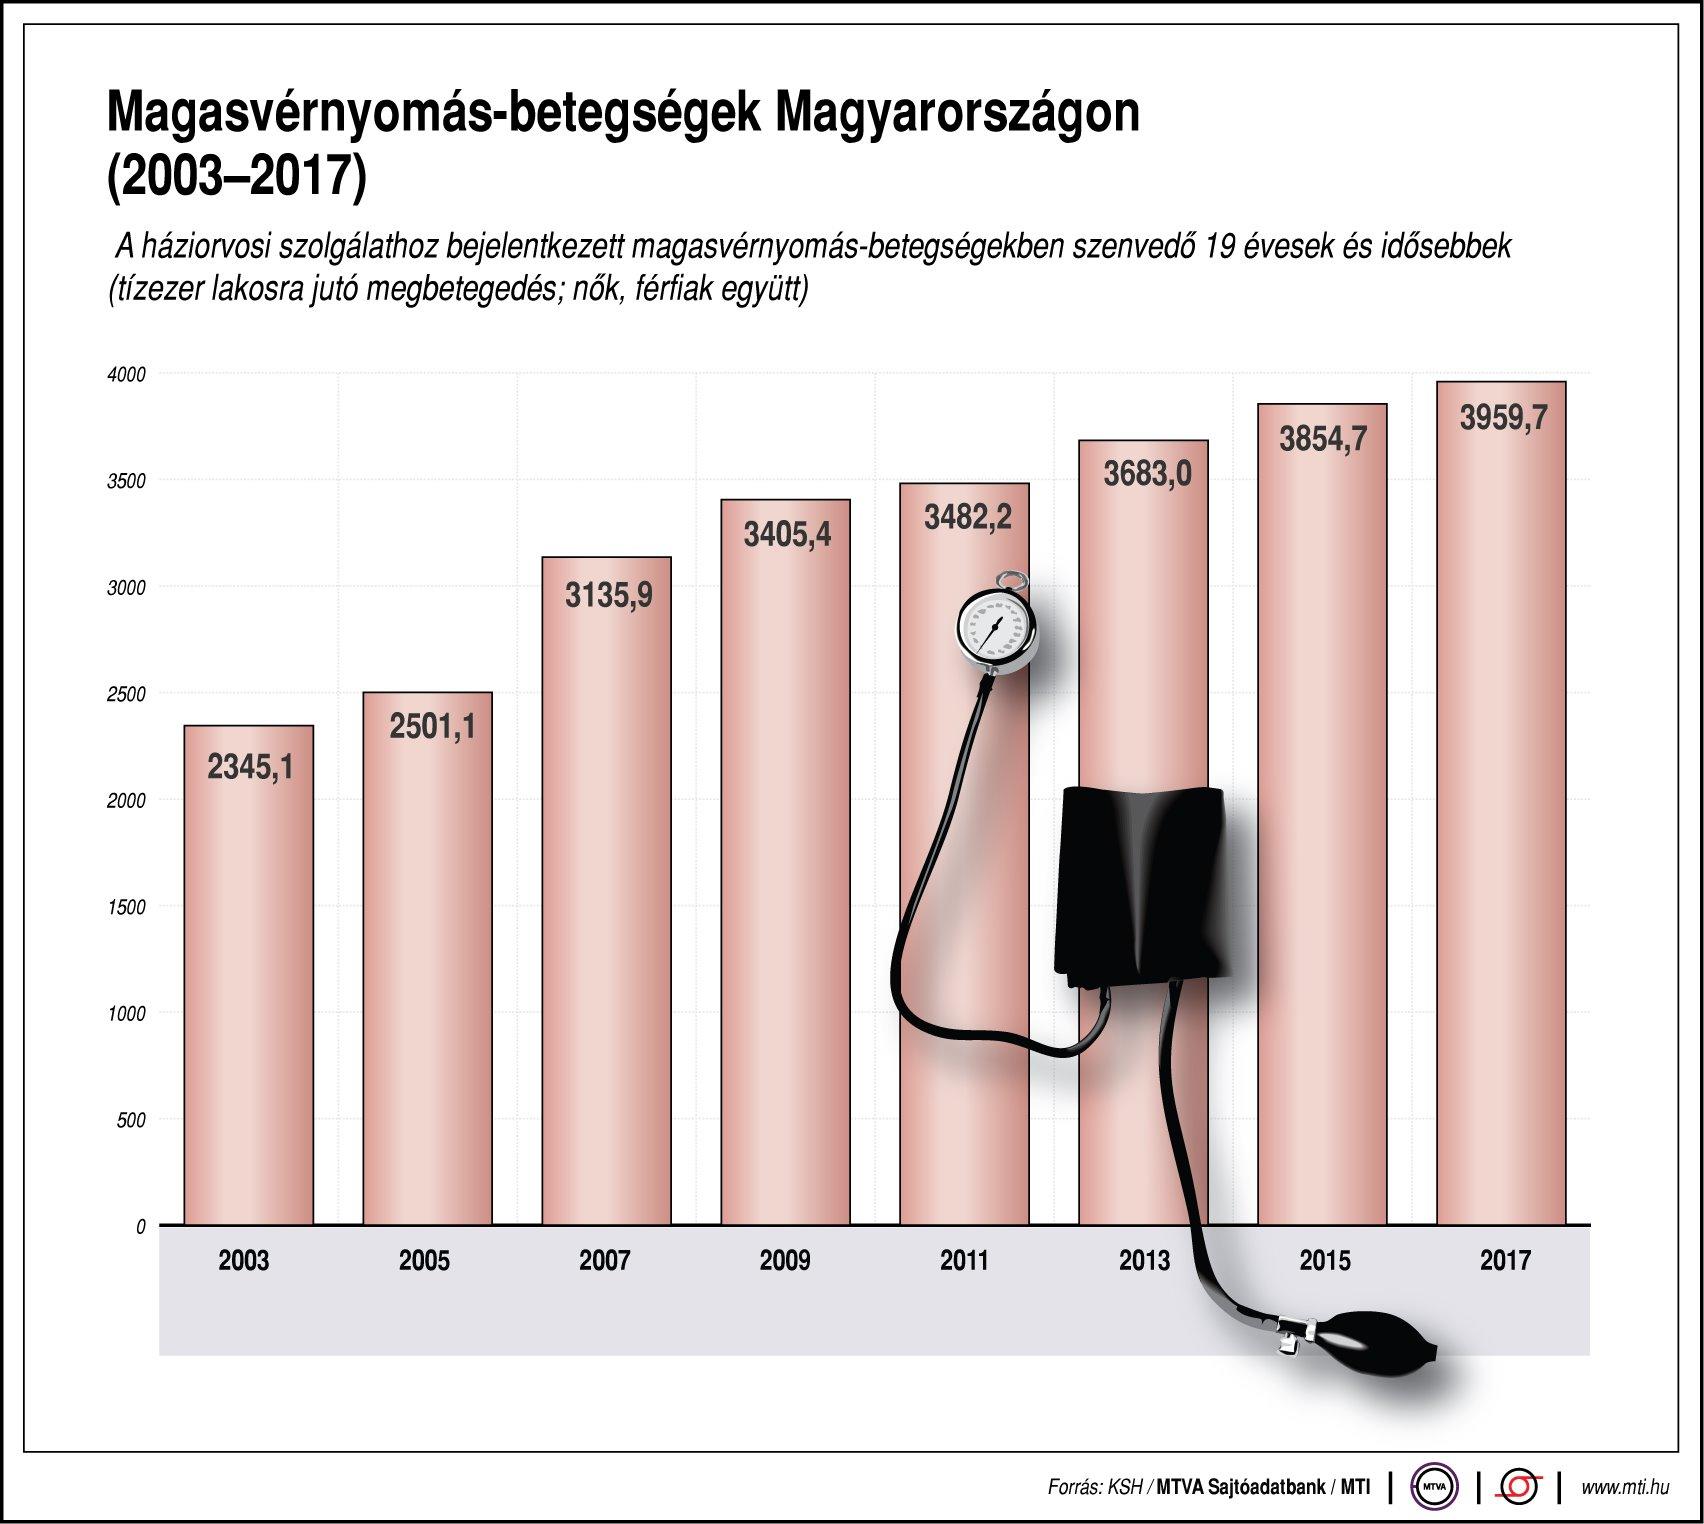 magas vérnyomás férfiaknál 50 után)